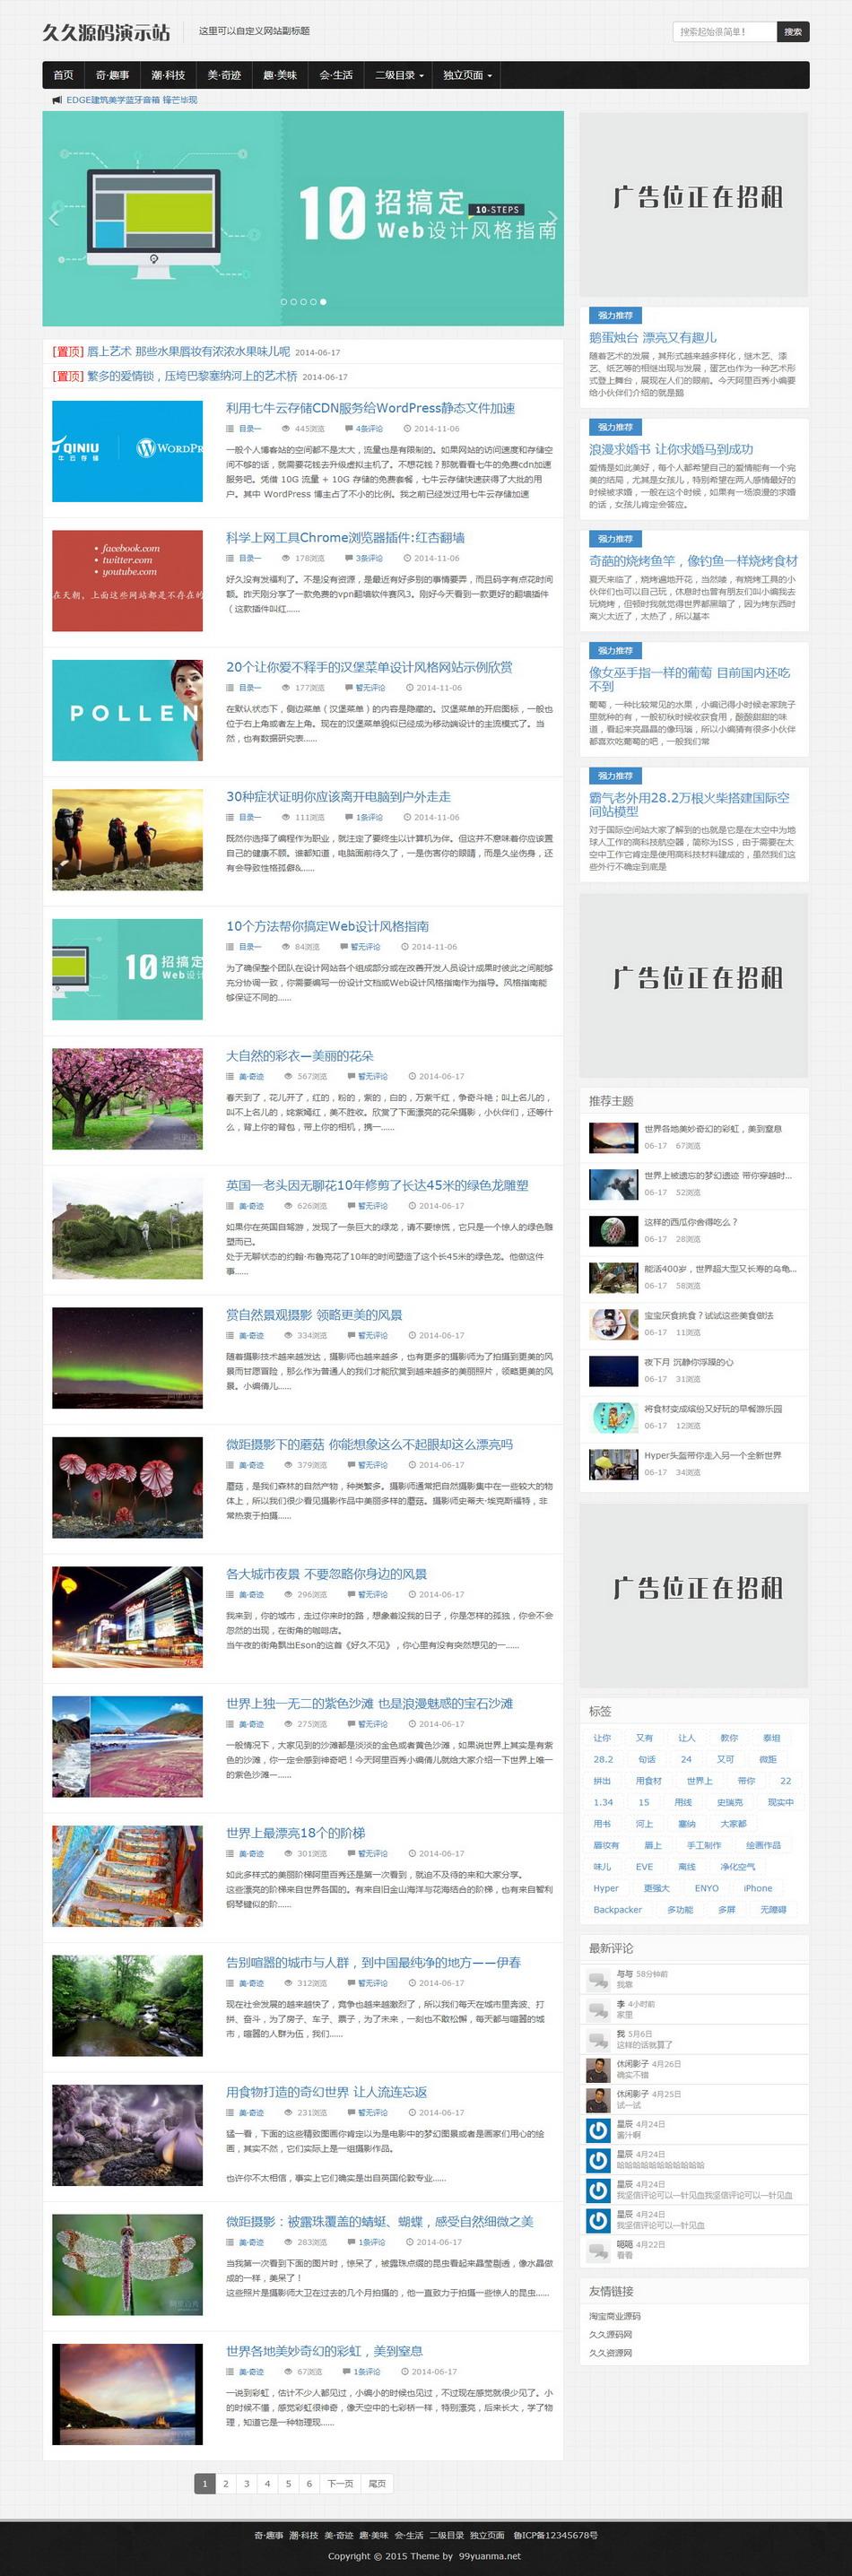 个人博客文章新闻资讯帝国CMS网站源码模板自适应HTML5响应式手机